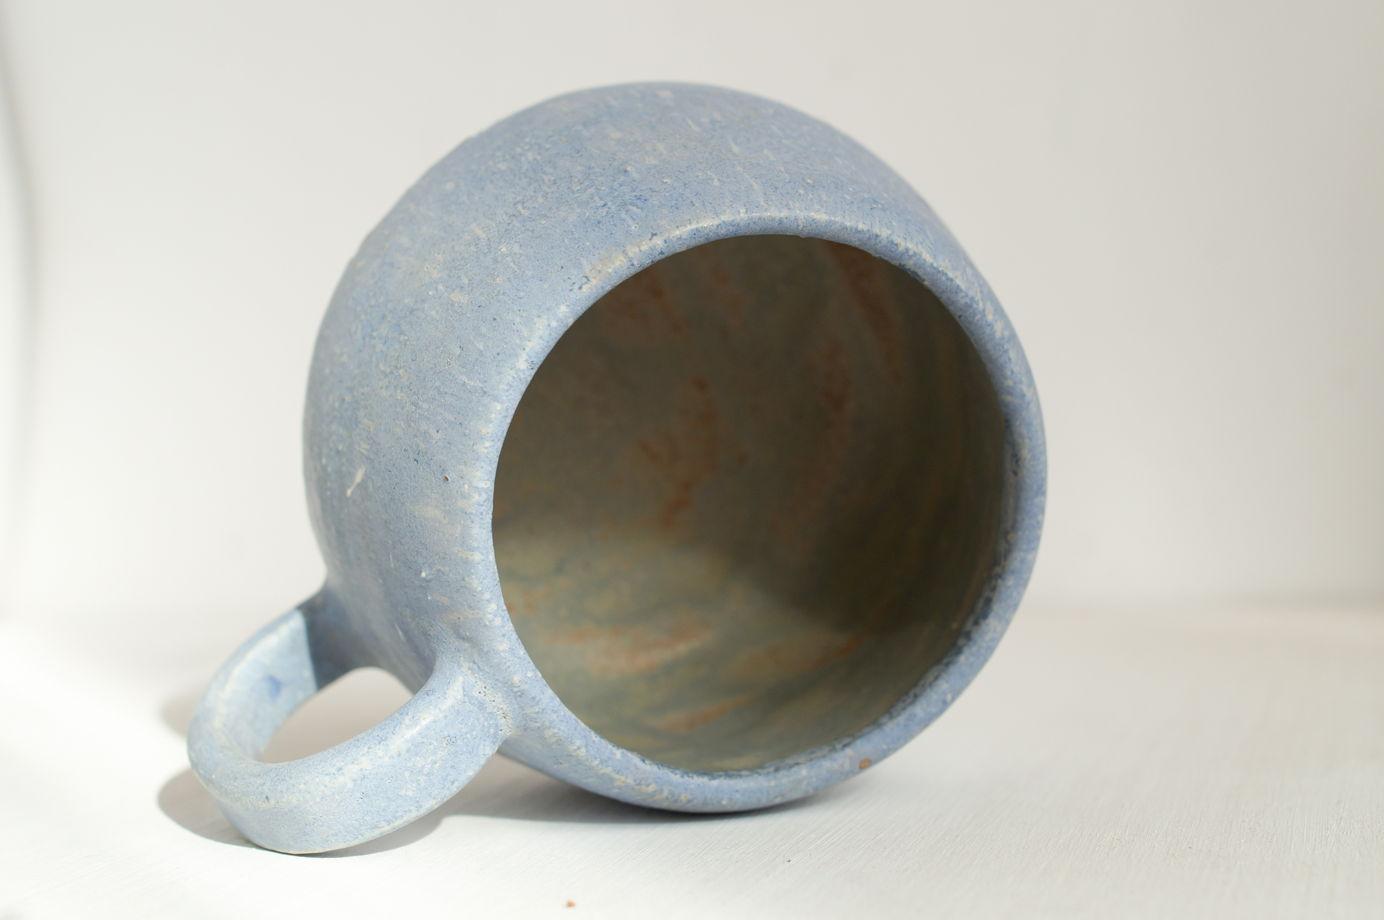 Брутальная округлая кружка, голубая матовая